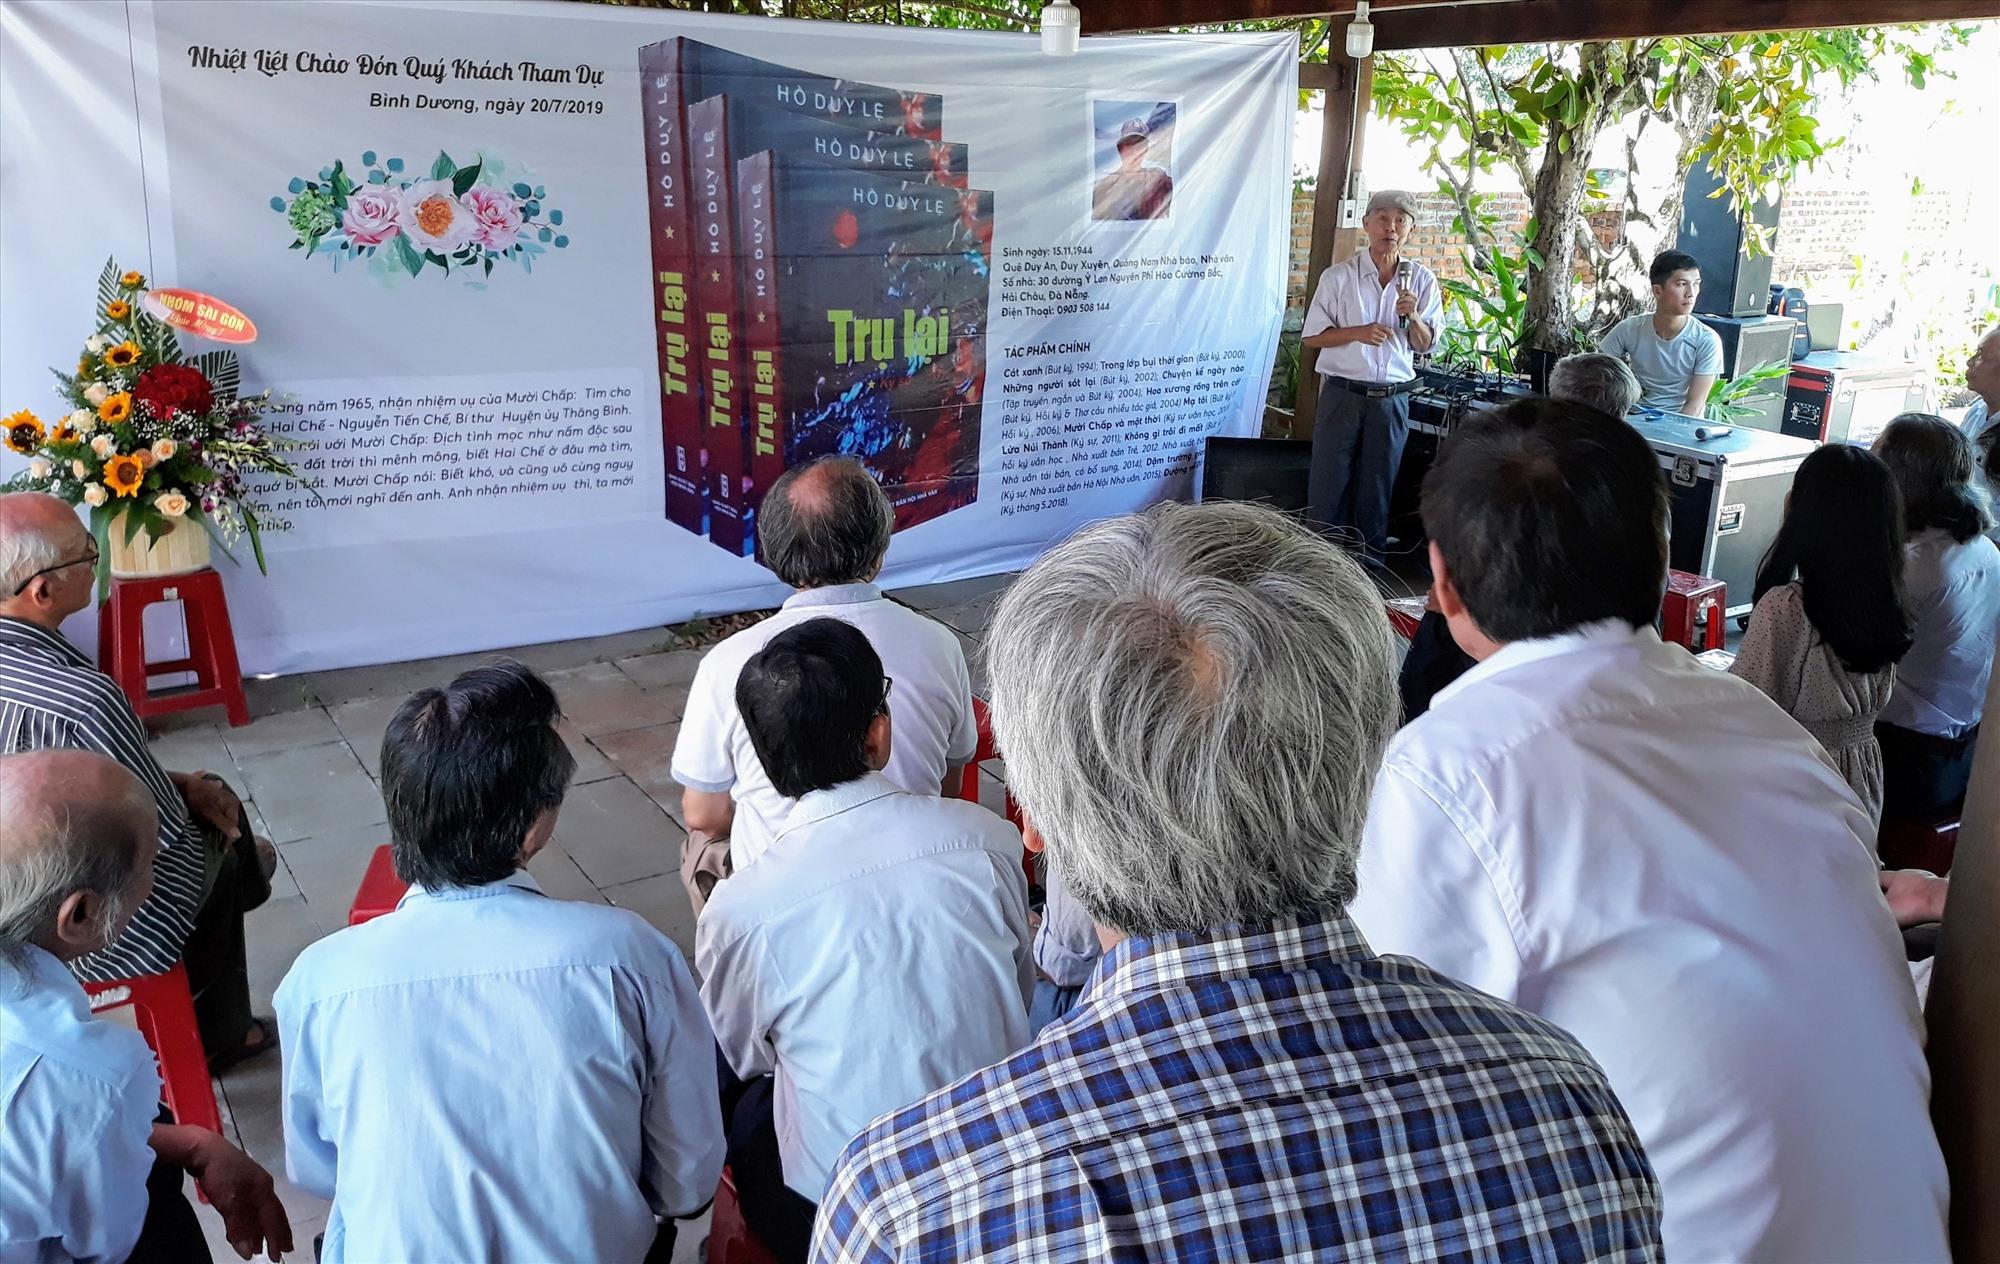 """Nhà văn Hồ Duy Lệ tổ chức ra mắt tập ký sử """"Trụ lại"""" tại một xã vùng đông Thăng Bình - một trong những nơi ông đến lấy tư liệu và """"ôn luyện"""" tiếng Quảng. Ảnh: P.C.A"""